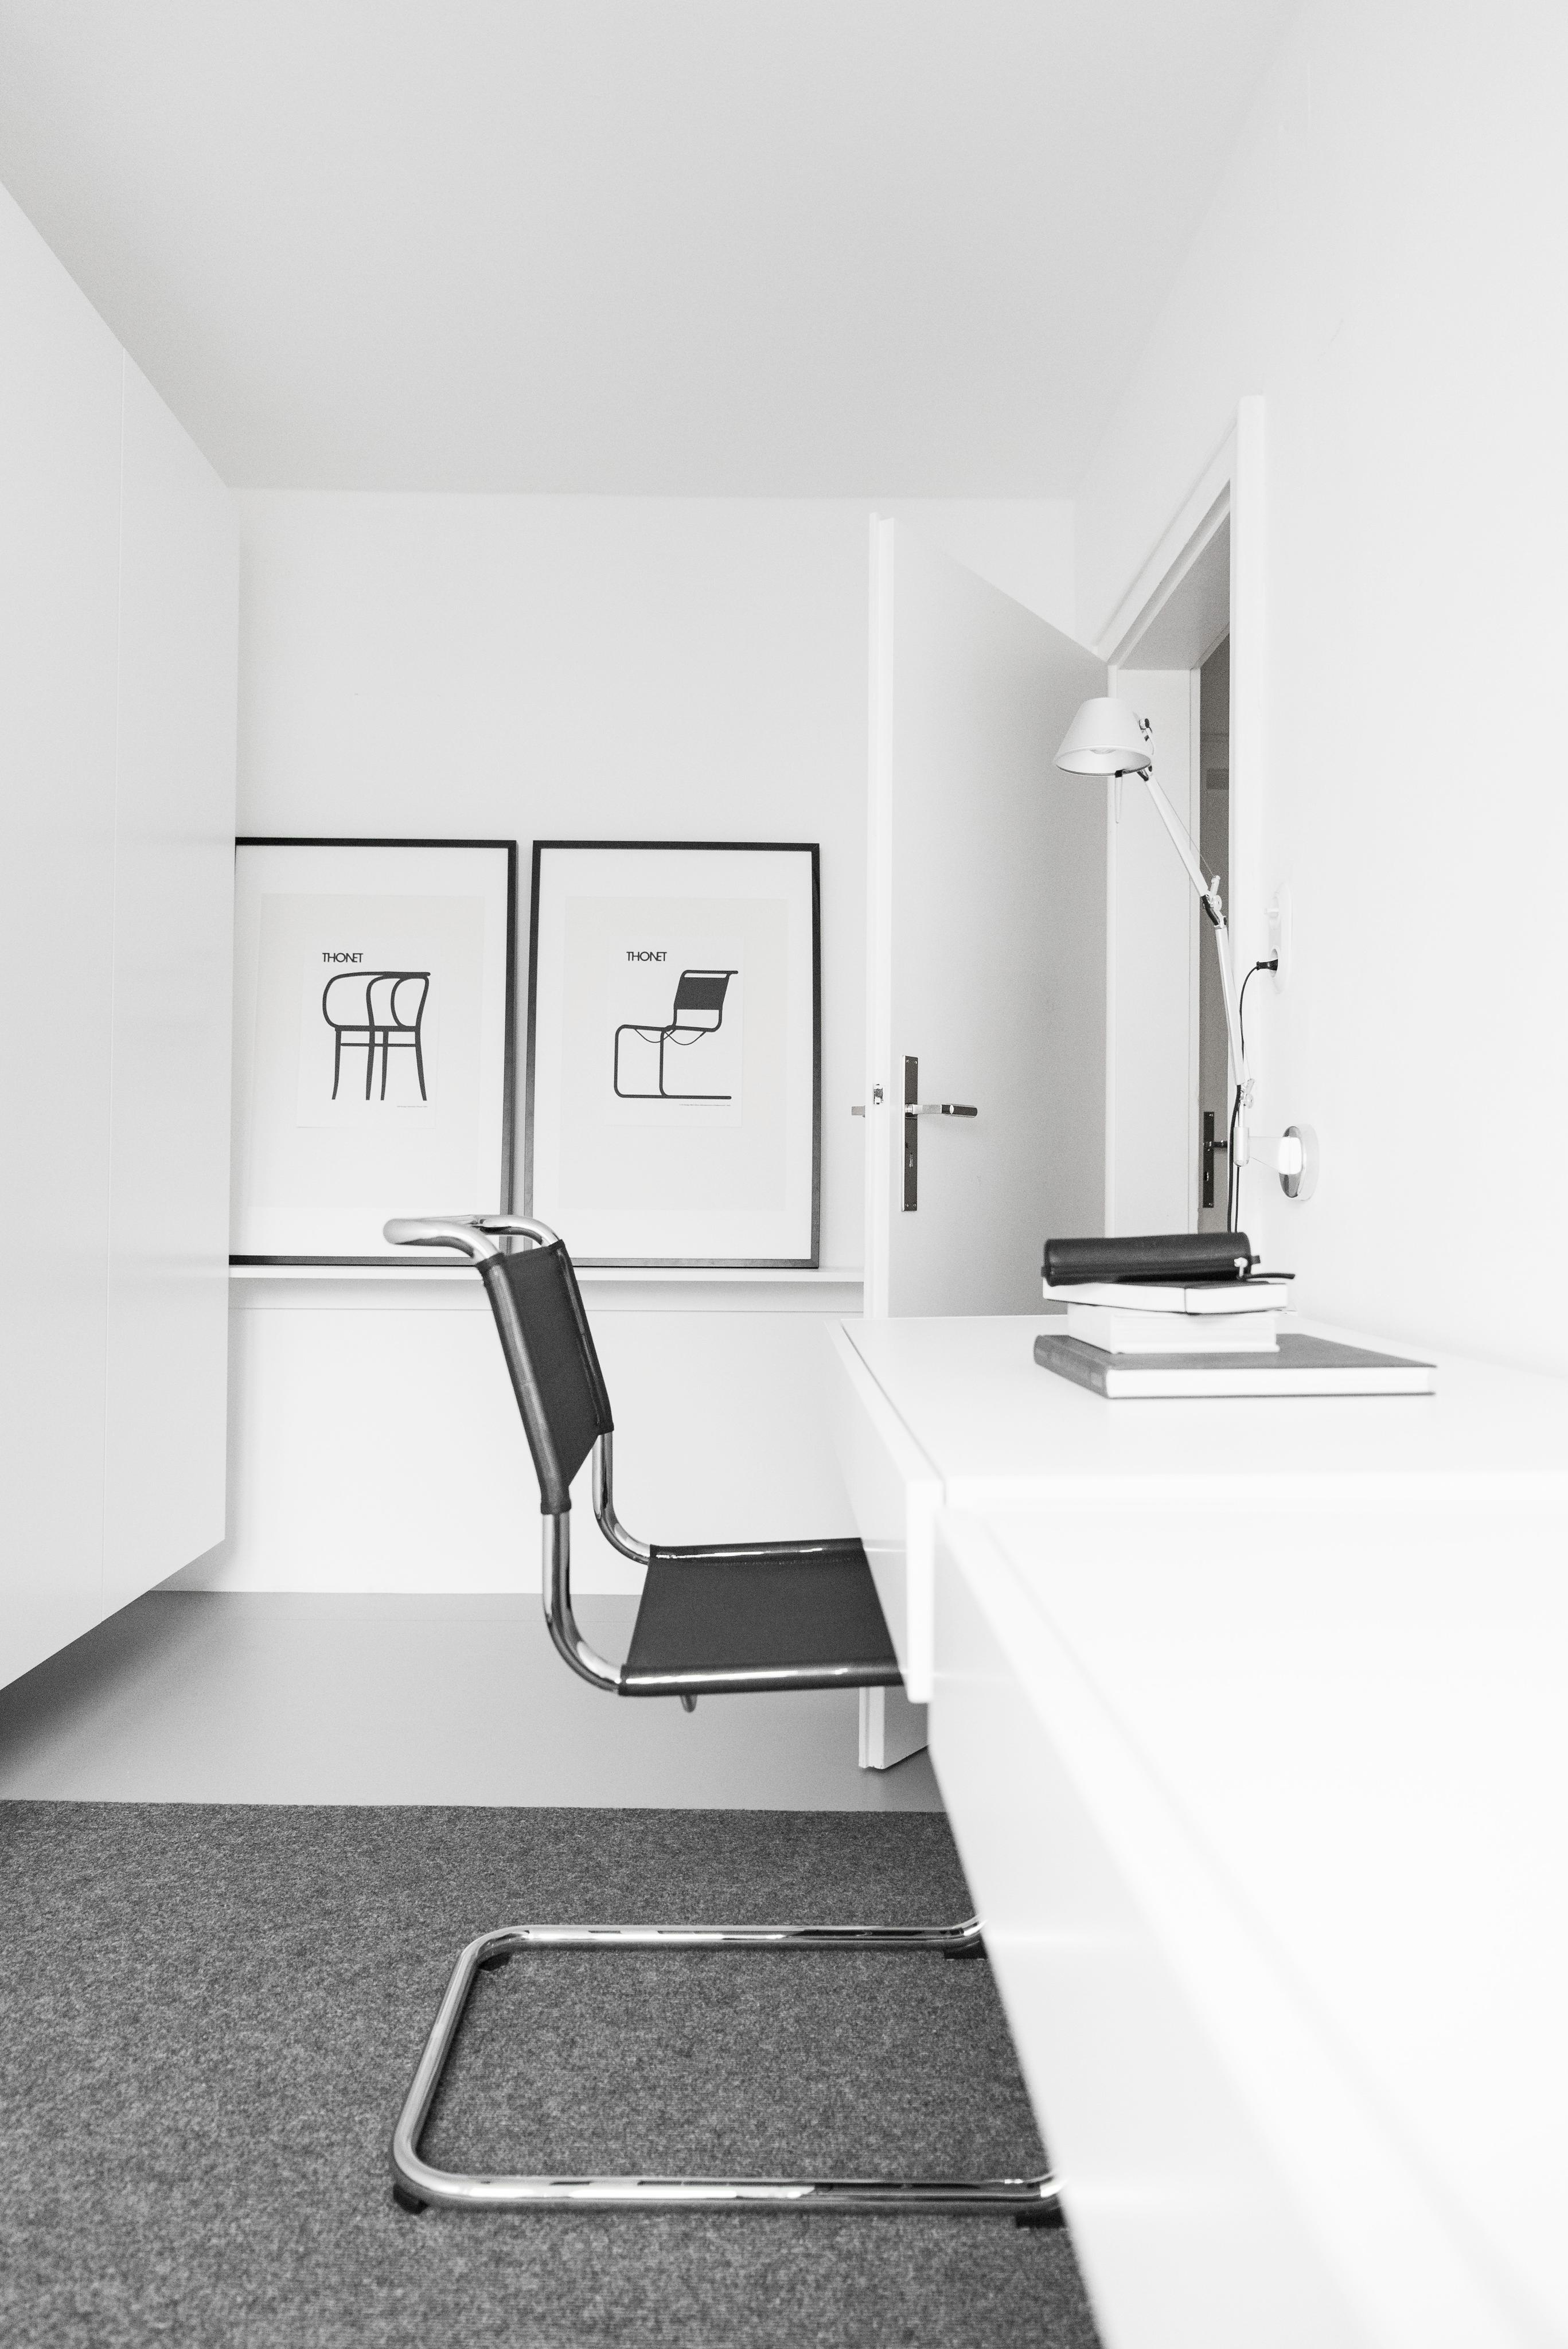 schwebende schreibtische im b ro mein arbeitsberei. Black Bedroom Furniture Sets. Home Design Ideas